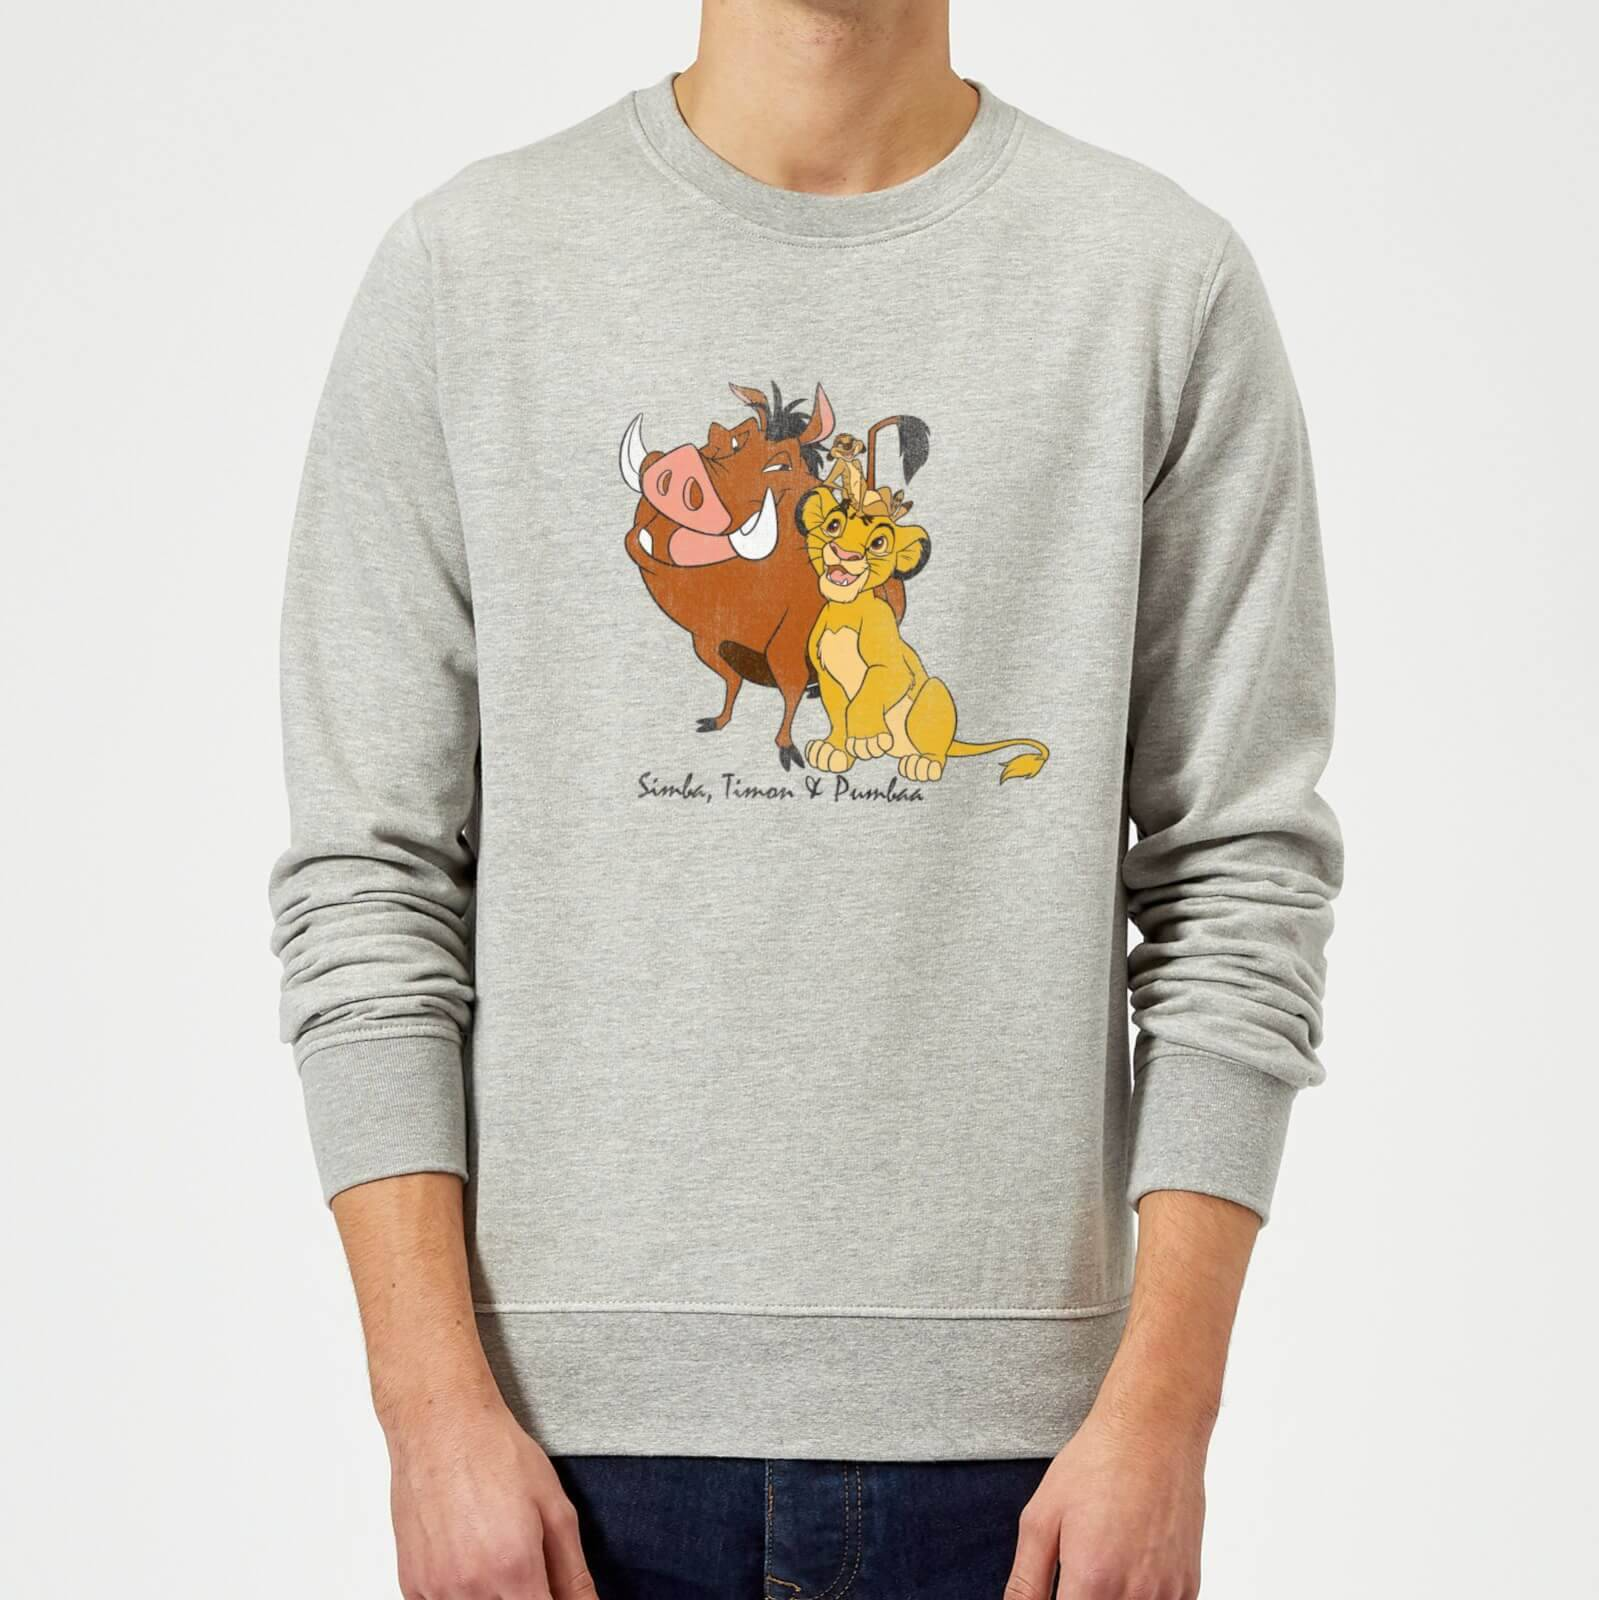 Disney Sweat Homme Simba Pumbaa Timon Le Roi Lion Disney - Gris - M - Gris